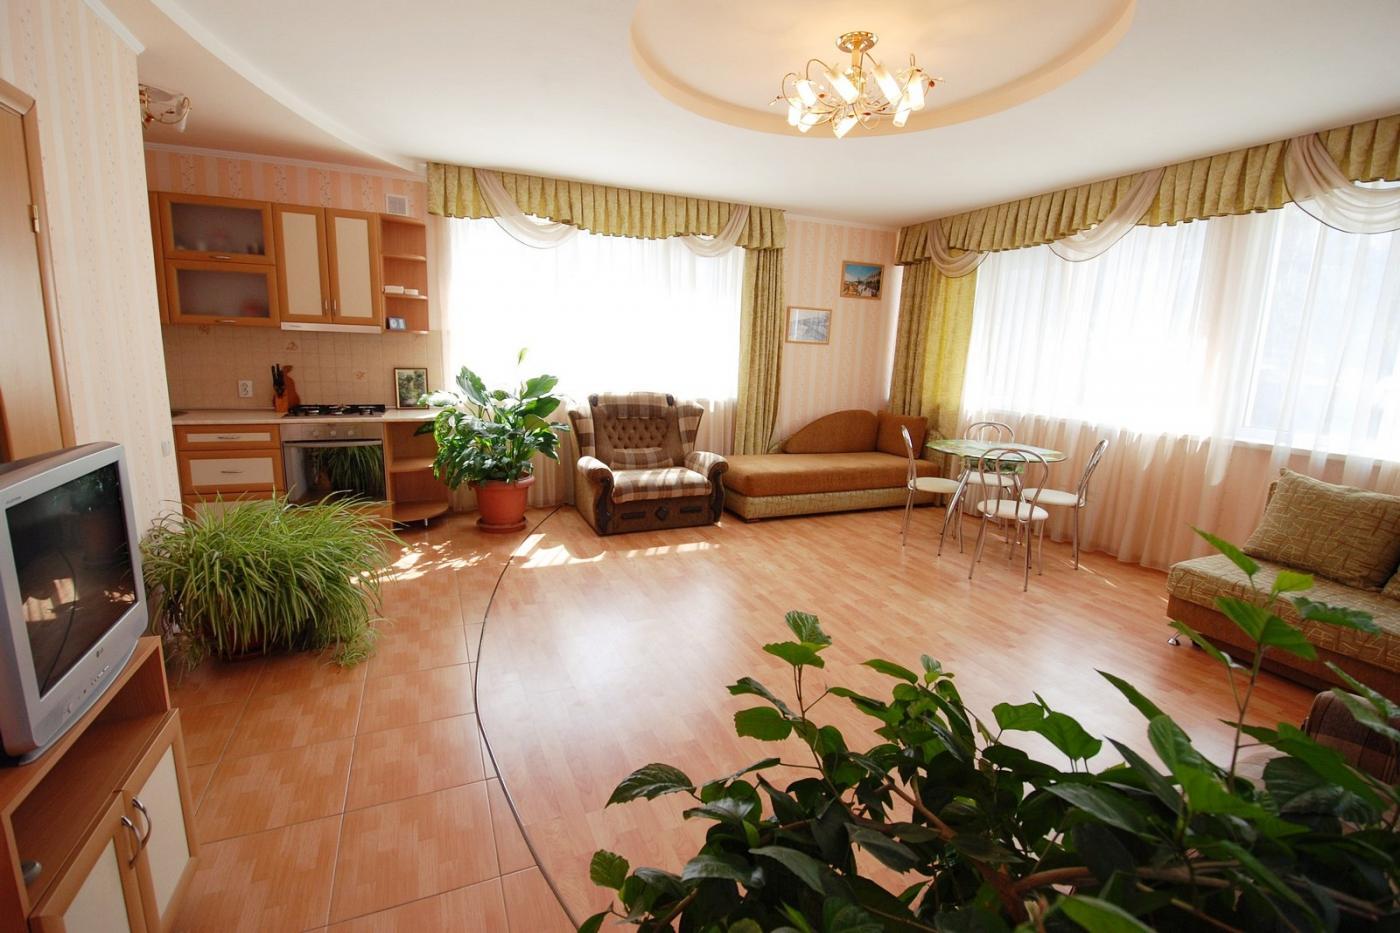 2-комнатный Коттедж посуточно (вариант № 1188), ул. Щербака улица, фото № 7